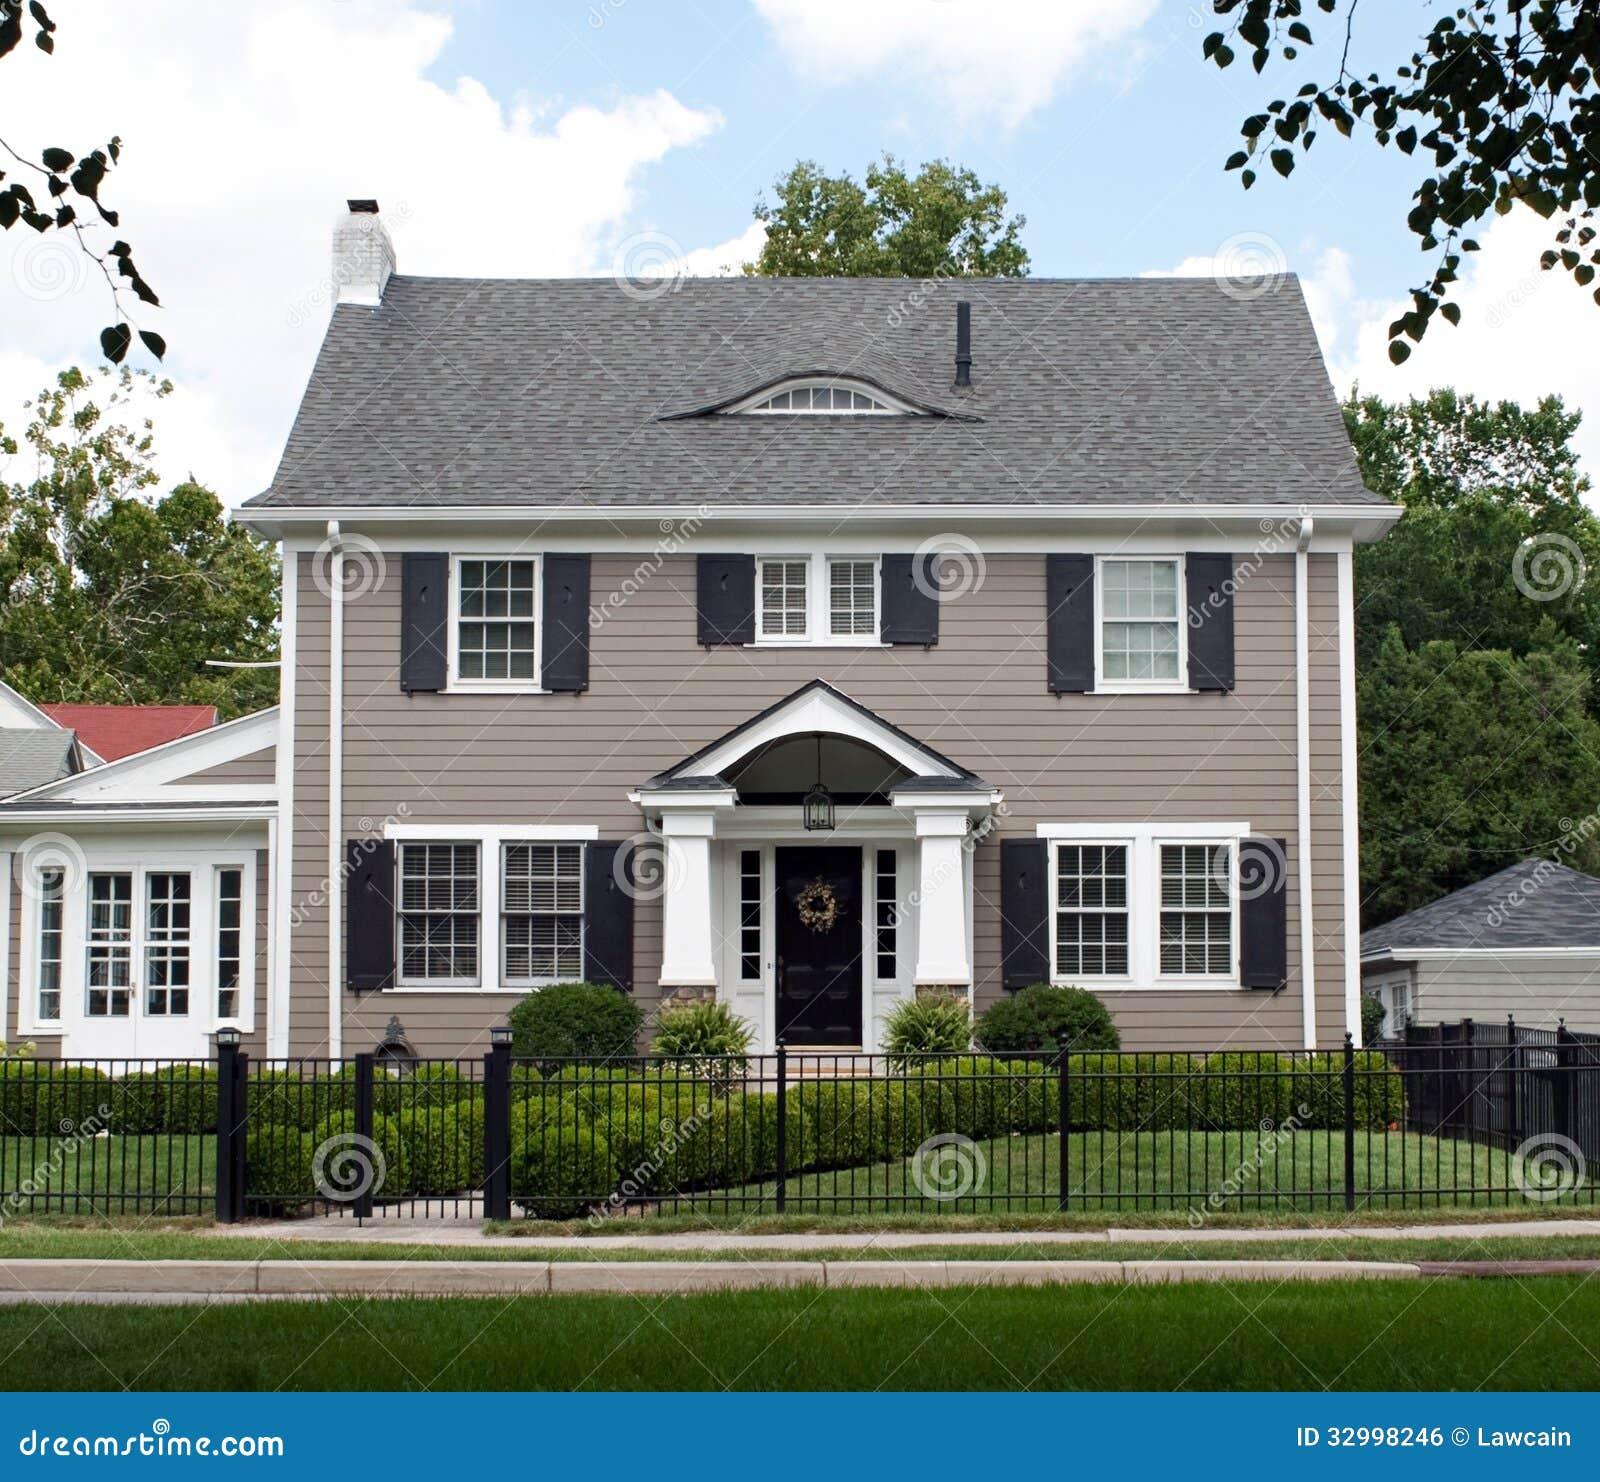 Haus Bild: Prächtiges Zweistöckiges Haus Lizenzfreies Stockbild